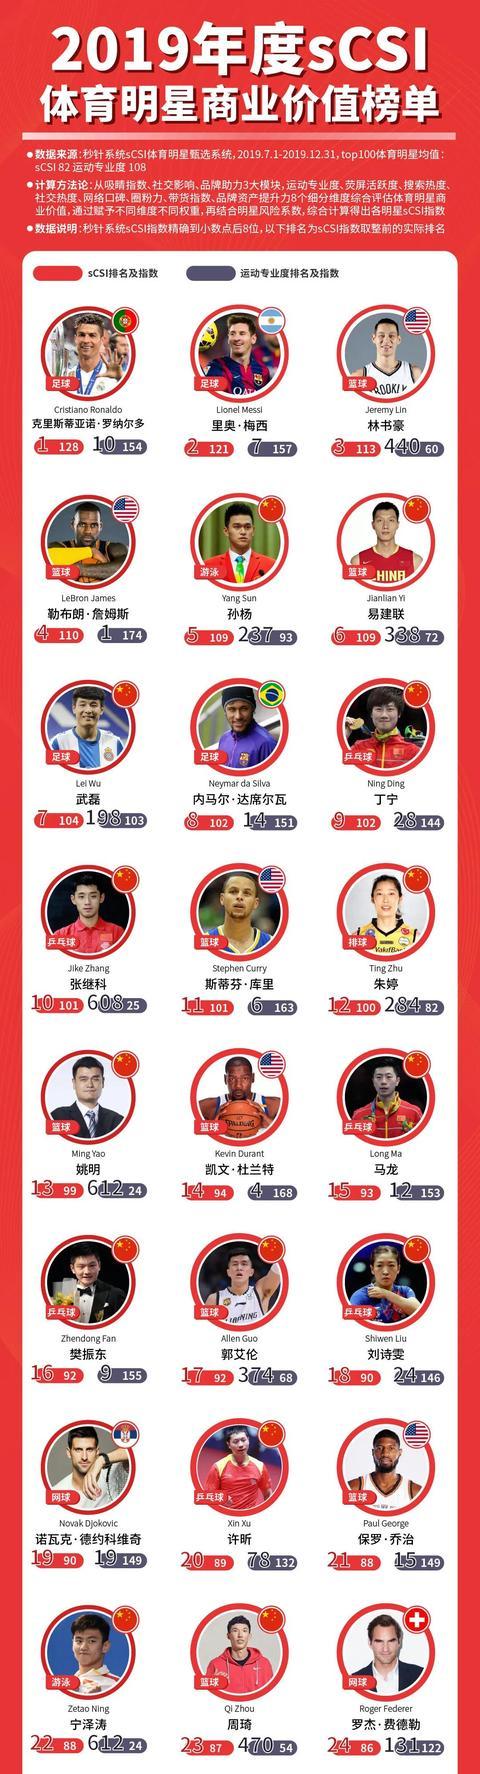 体育明星商业价值谁最高?